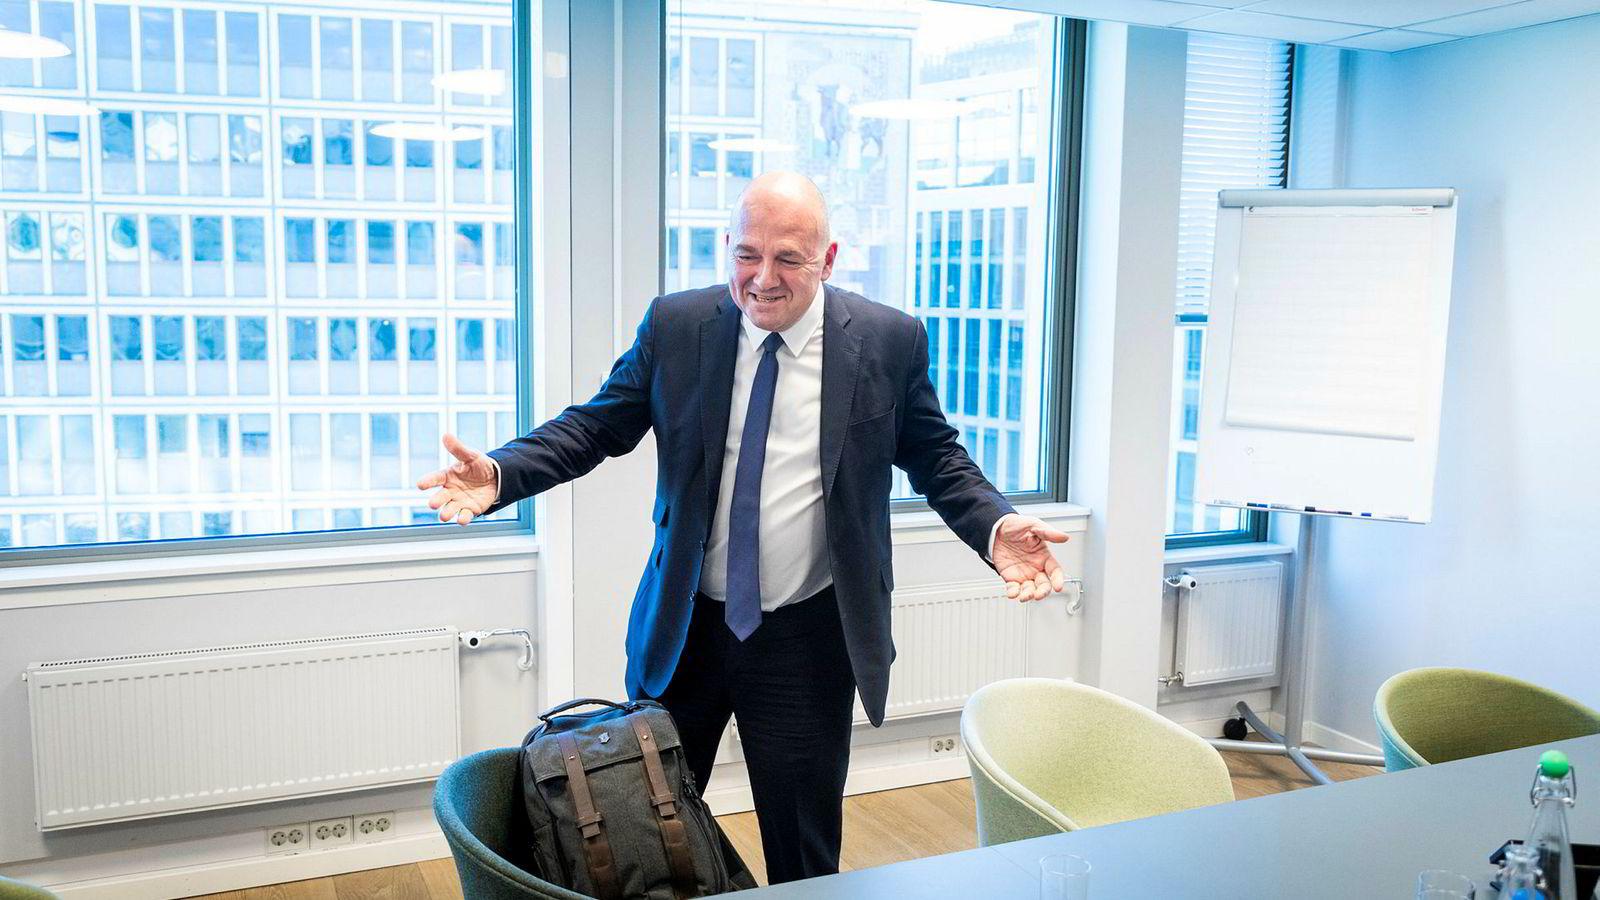 bcc95277 Finanstilsynet anbefaler at Finansdepartementet godkjenner budet som  Euronext-sjef Stéphane Boujnah har fremsatt på vegne